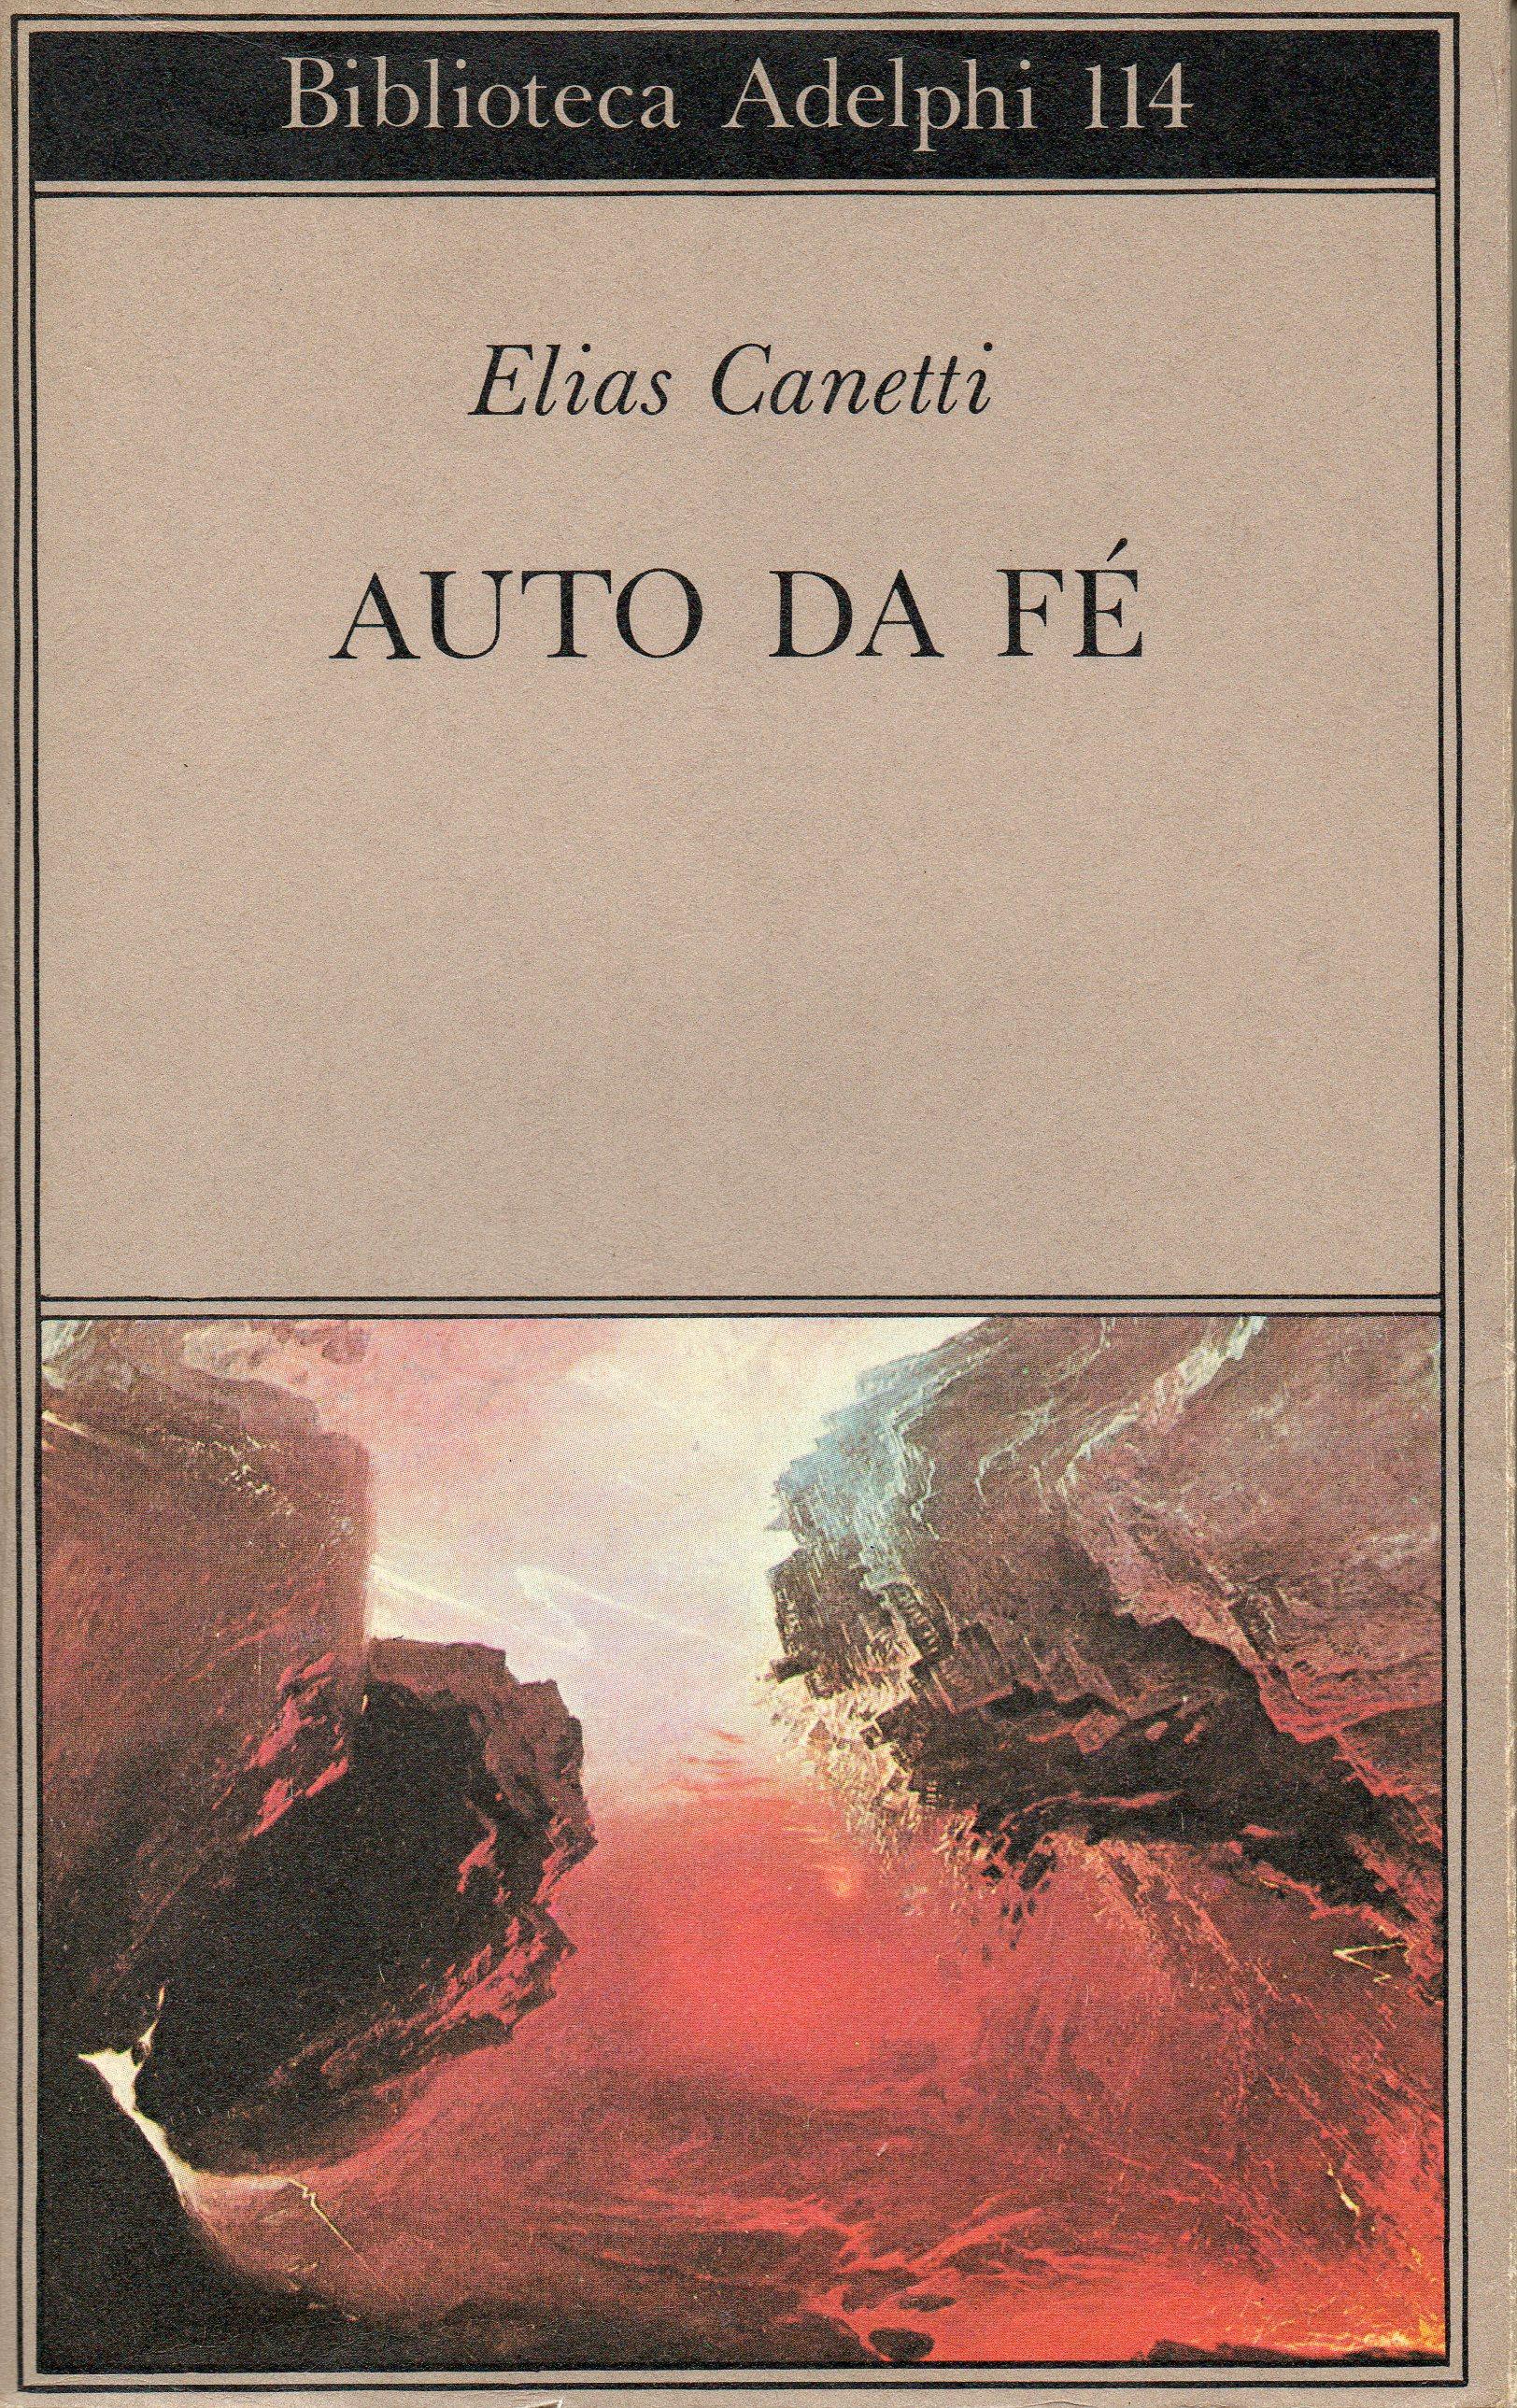 Auto da fé